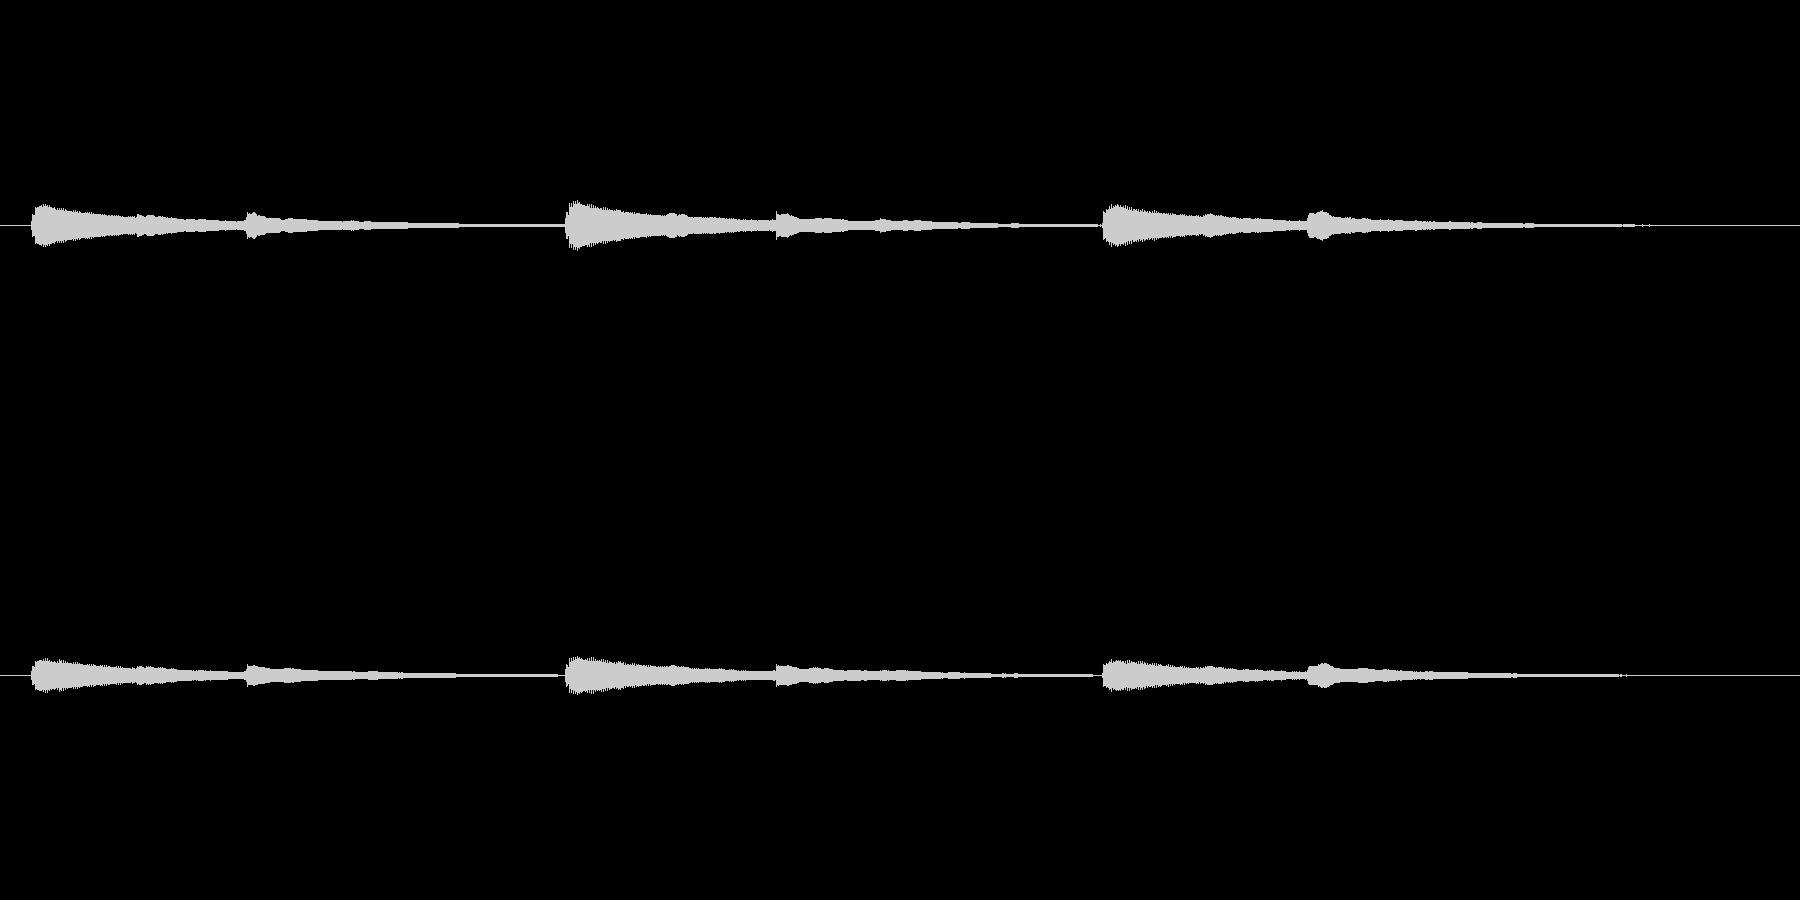 とてもシンプルなチャイム音の未再生の波形